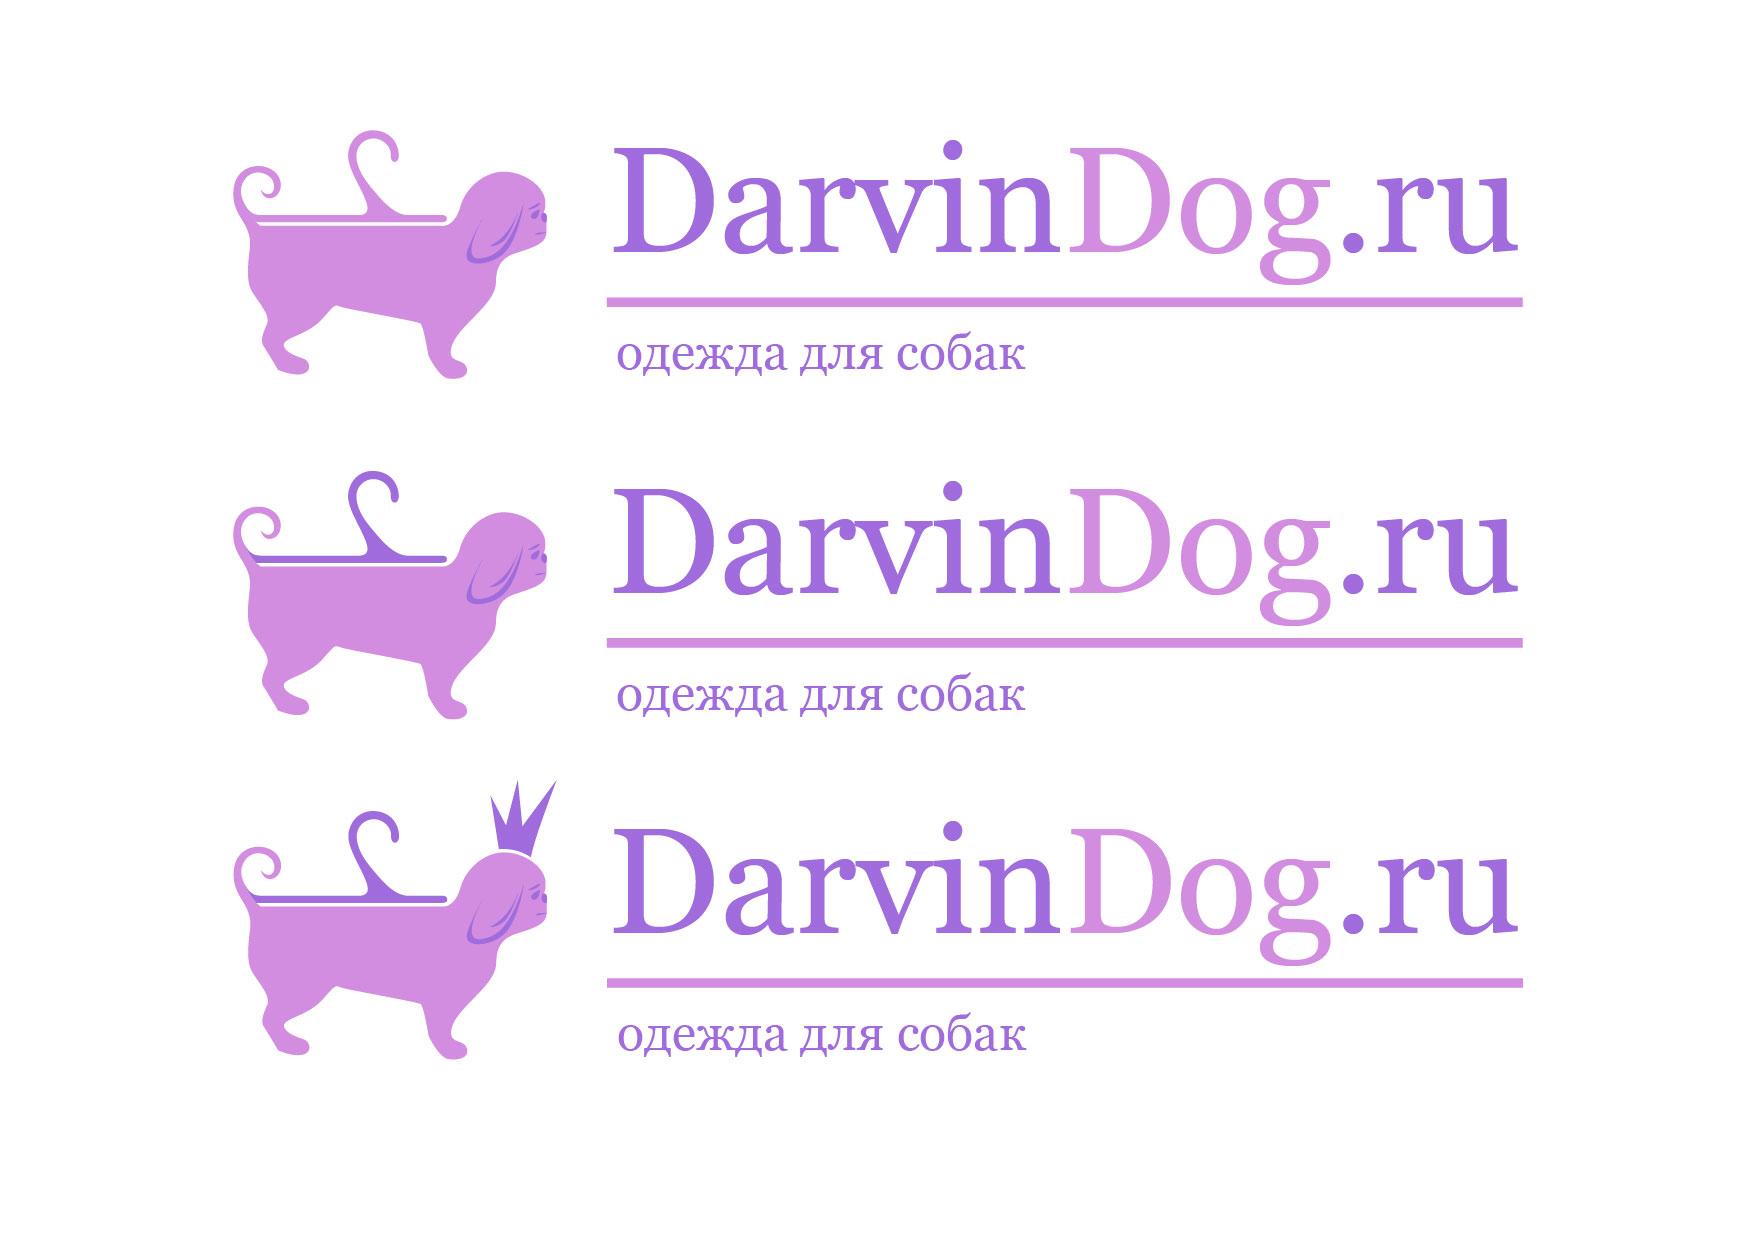 Создать логотип для интернет магазина одежды для собак фото f_105564b398cc3d70.jpg